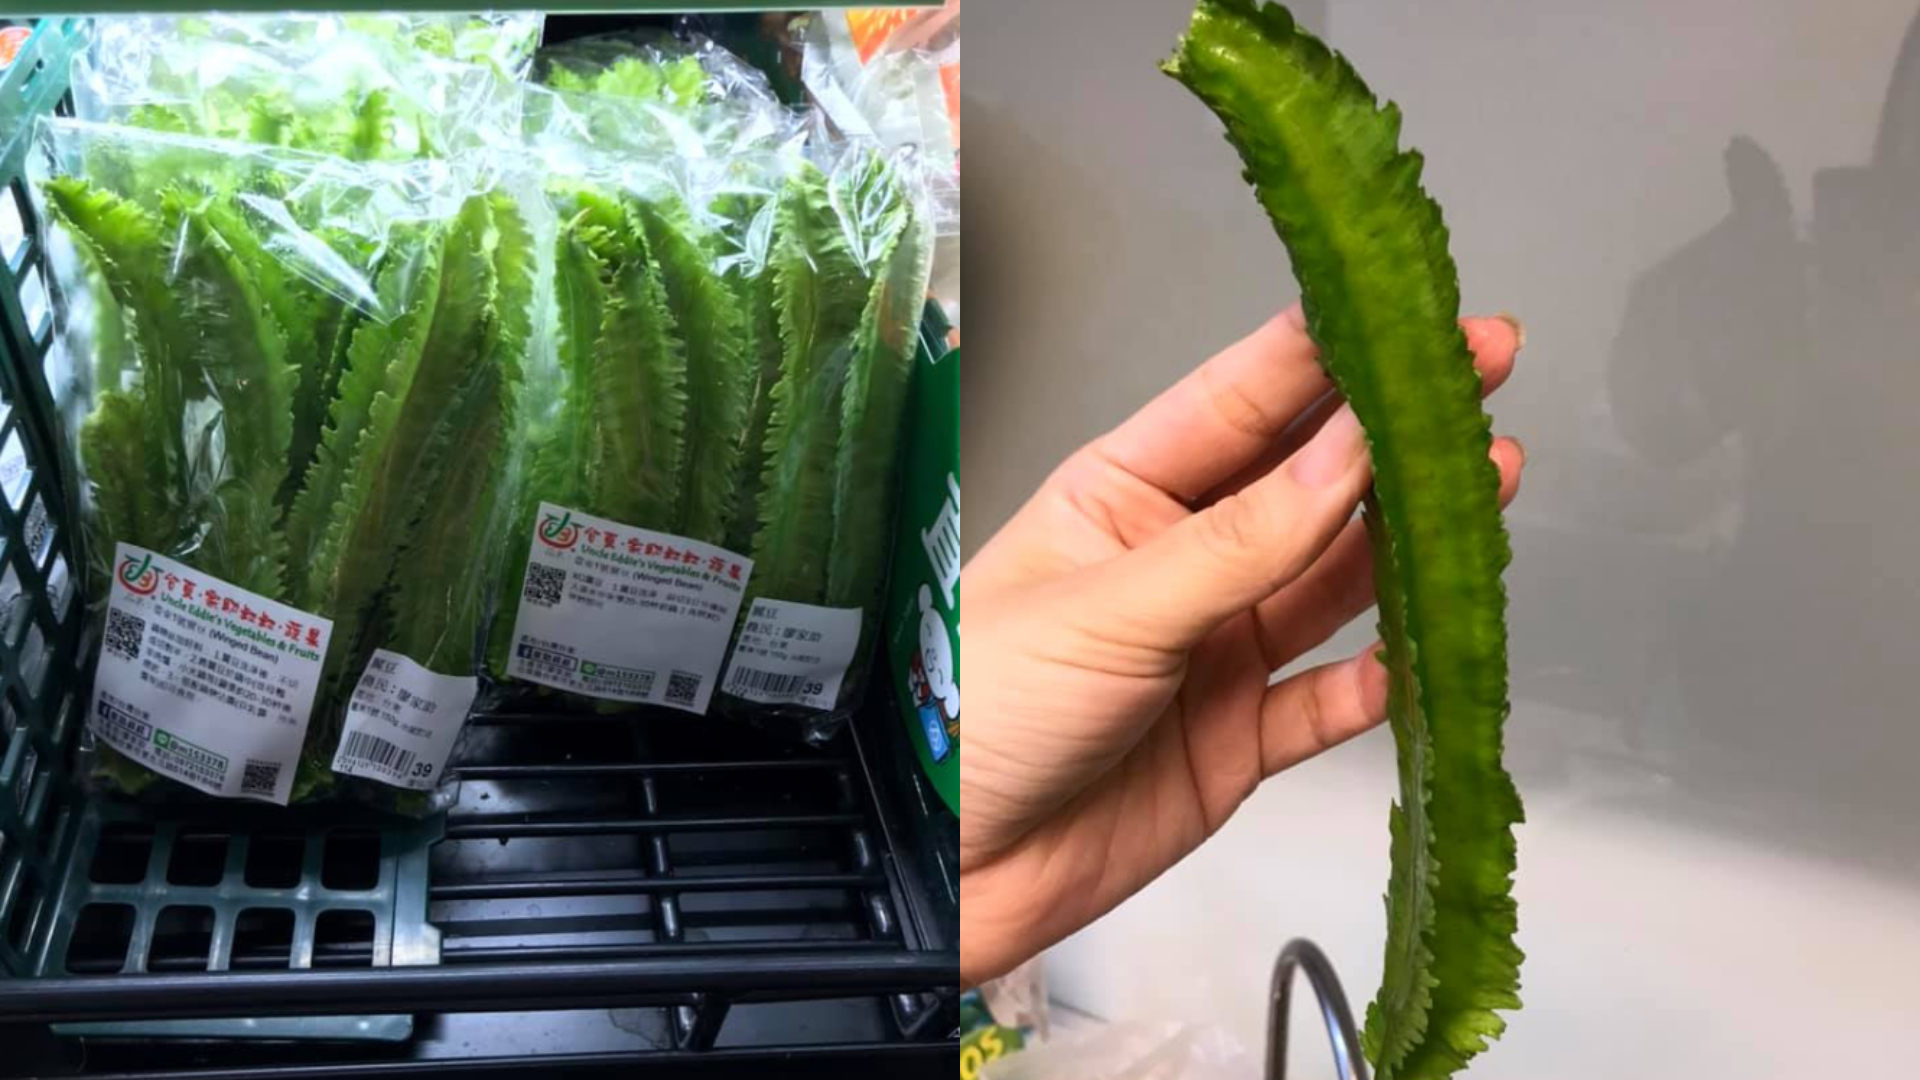 (圖/翻攝自我愛全聯-好物老實說) 逛全聯驚見「謎樣蔬菜」 老饕曝神吃法:吃一次就愛上